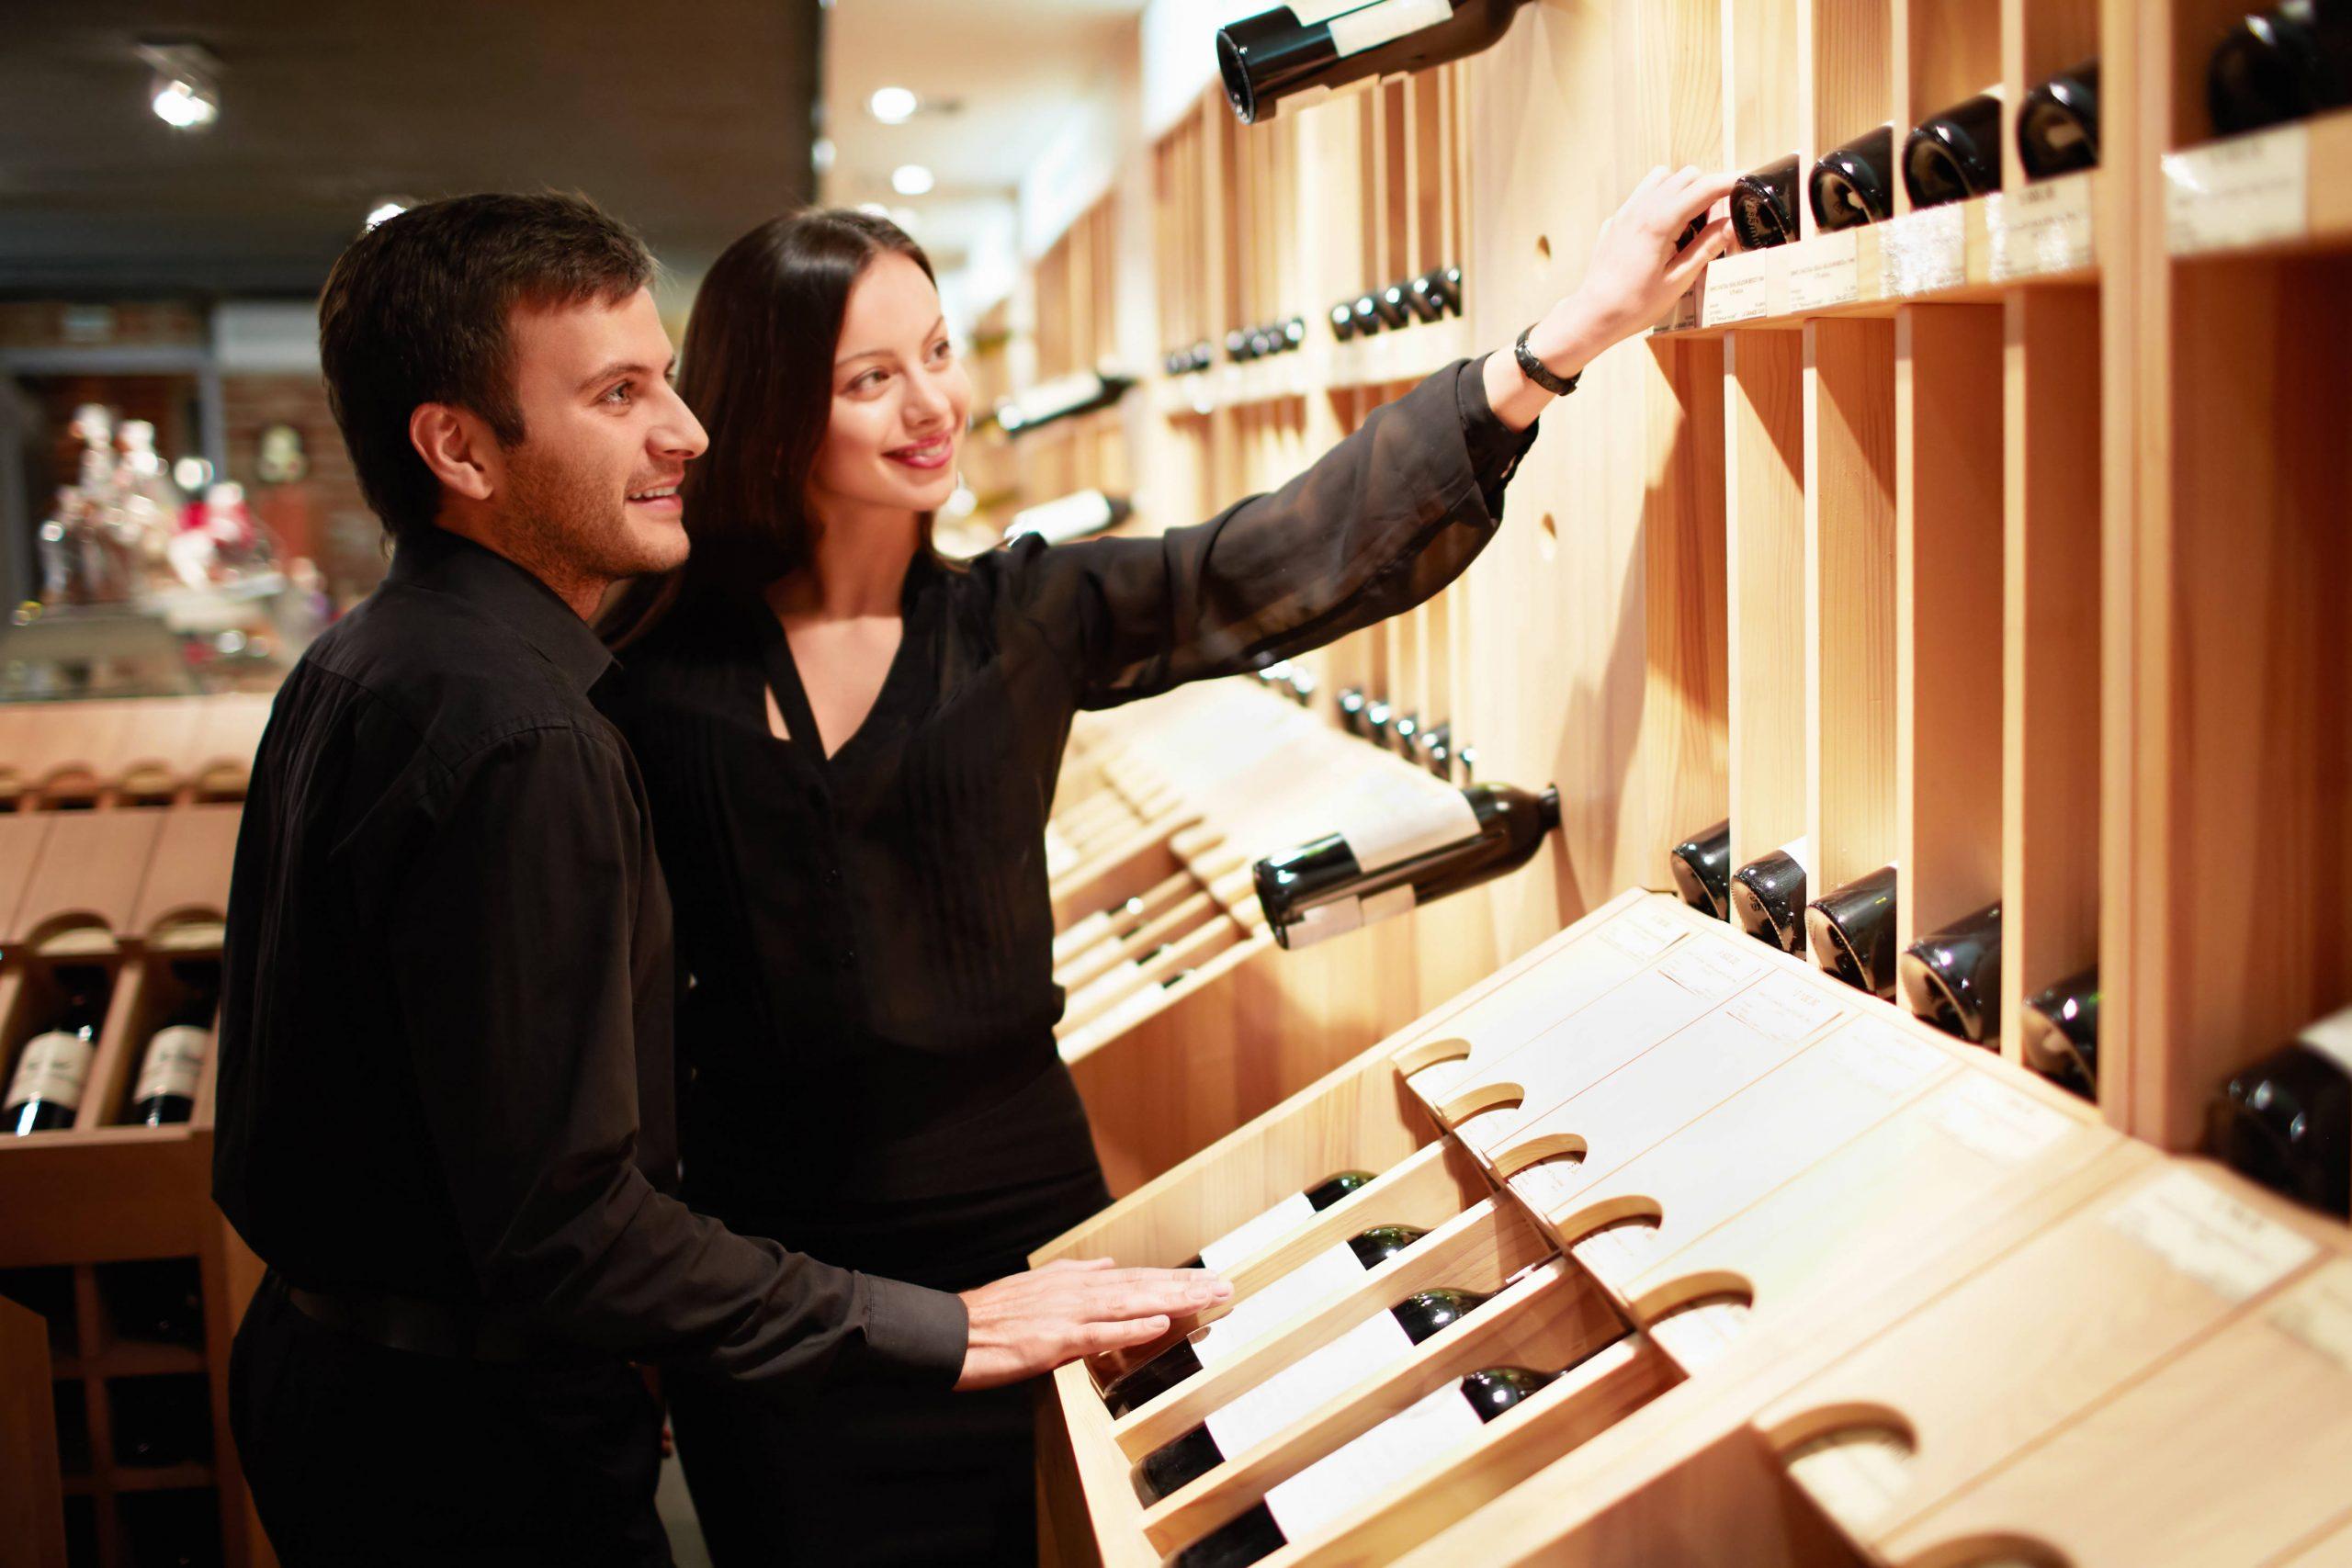 Detalles a tener en cuenta al comprar una vinoteca